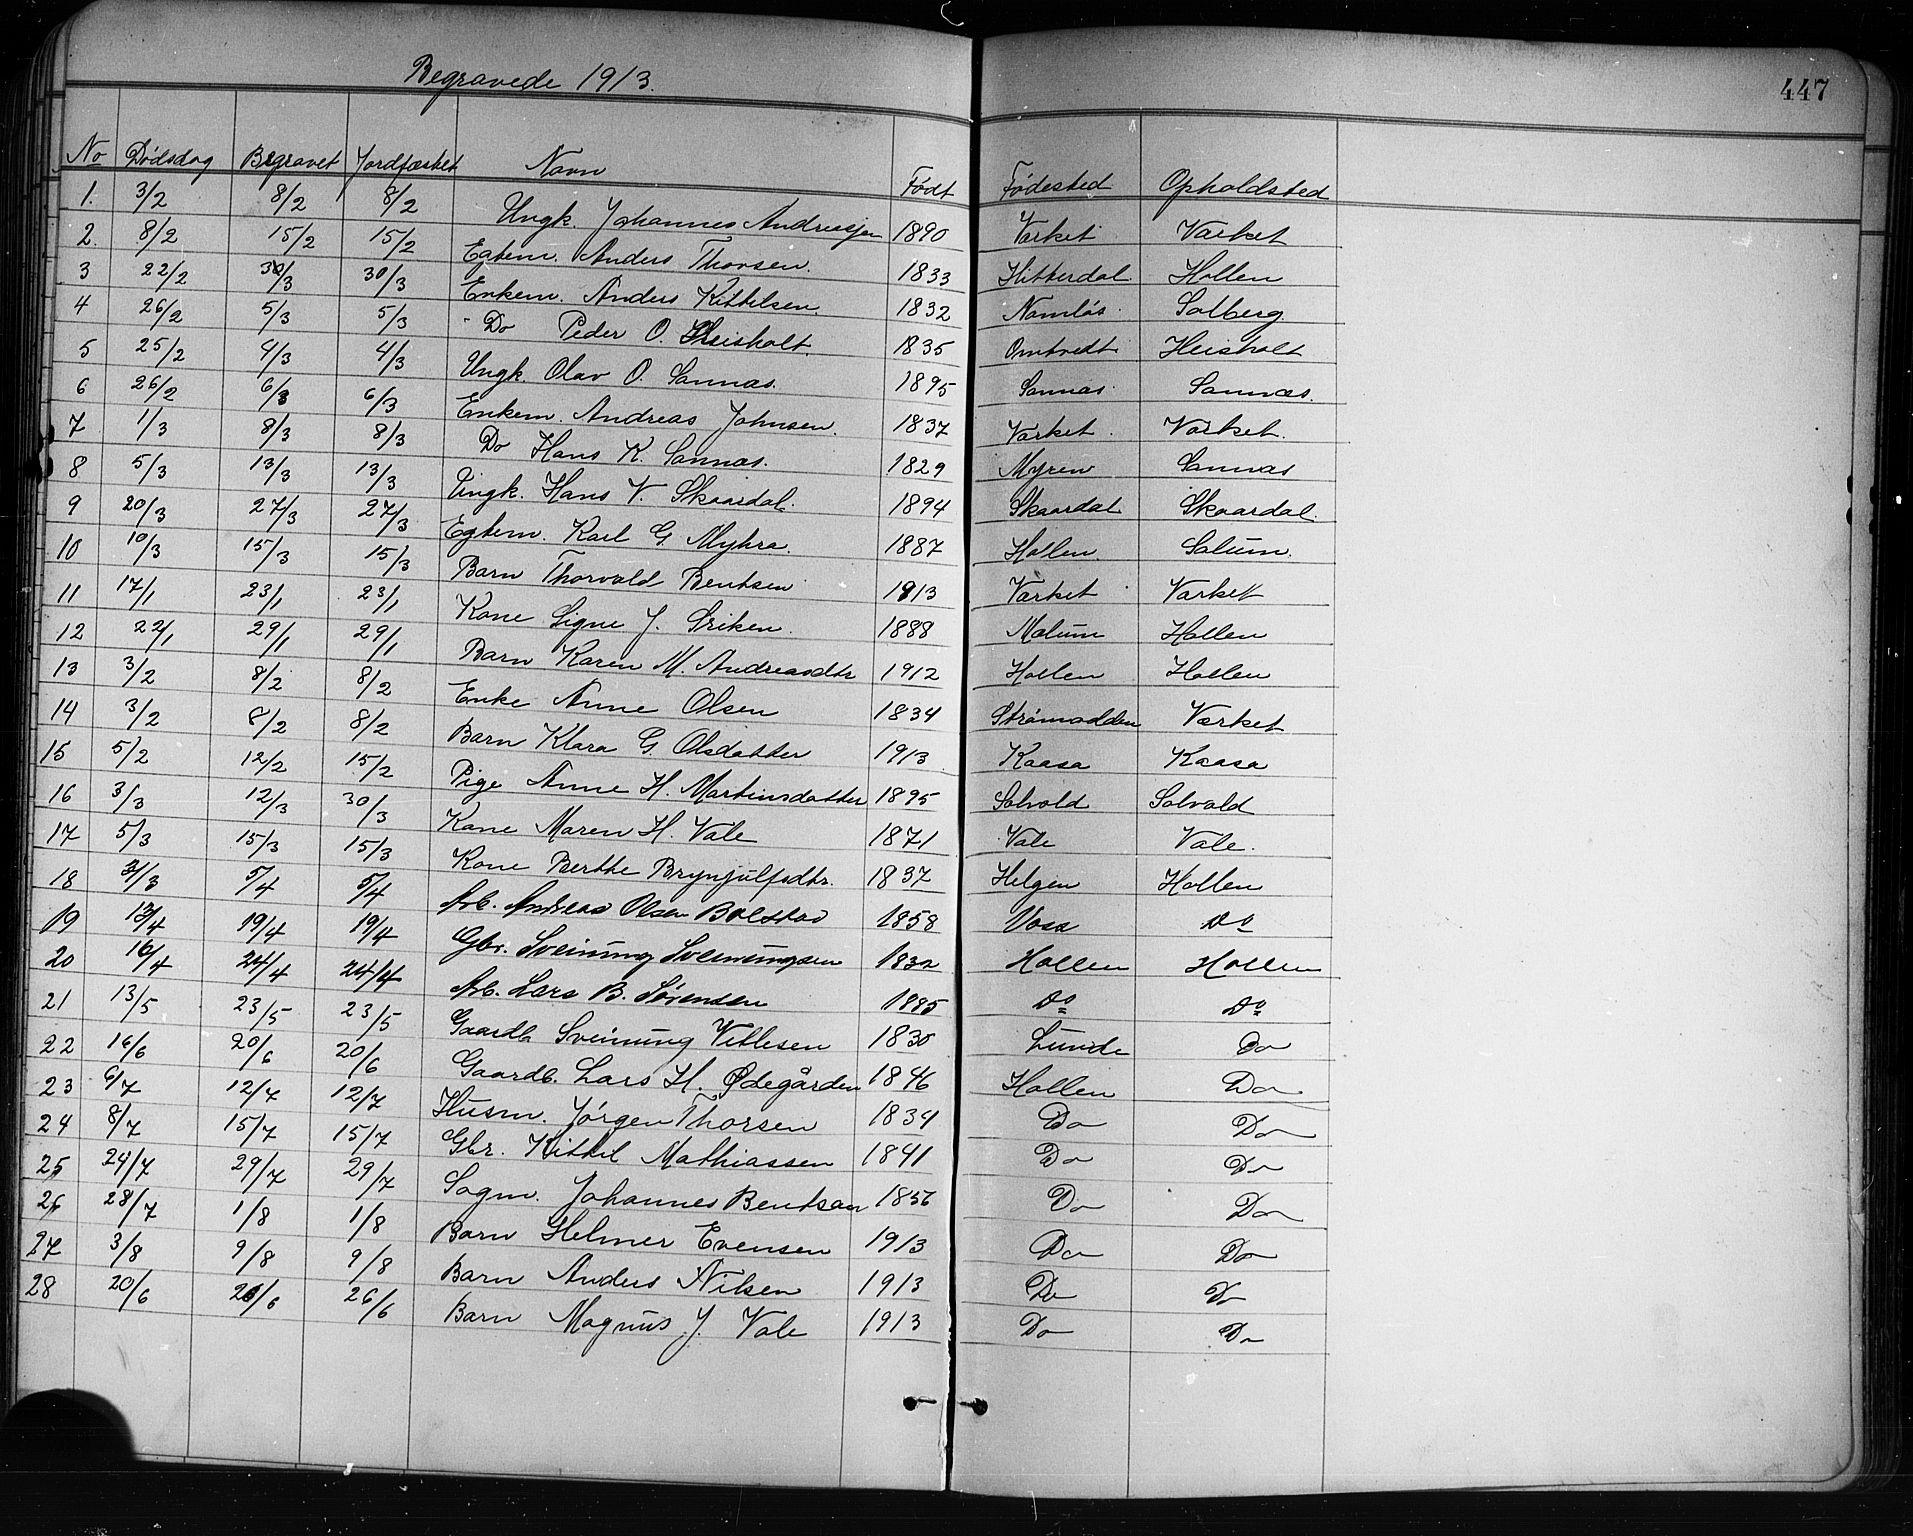 SAKO, Holla kirkebøker, G/Ga/L0005: Klokkerbok nr. I 5, 1891-1917, s. 447